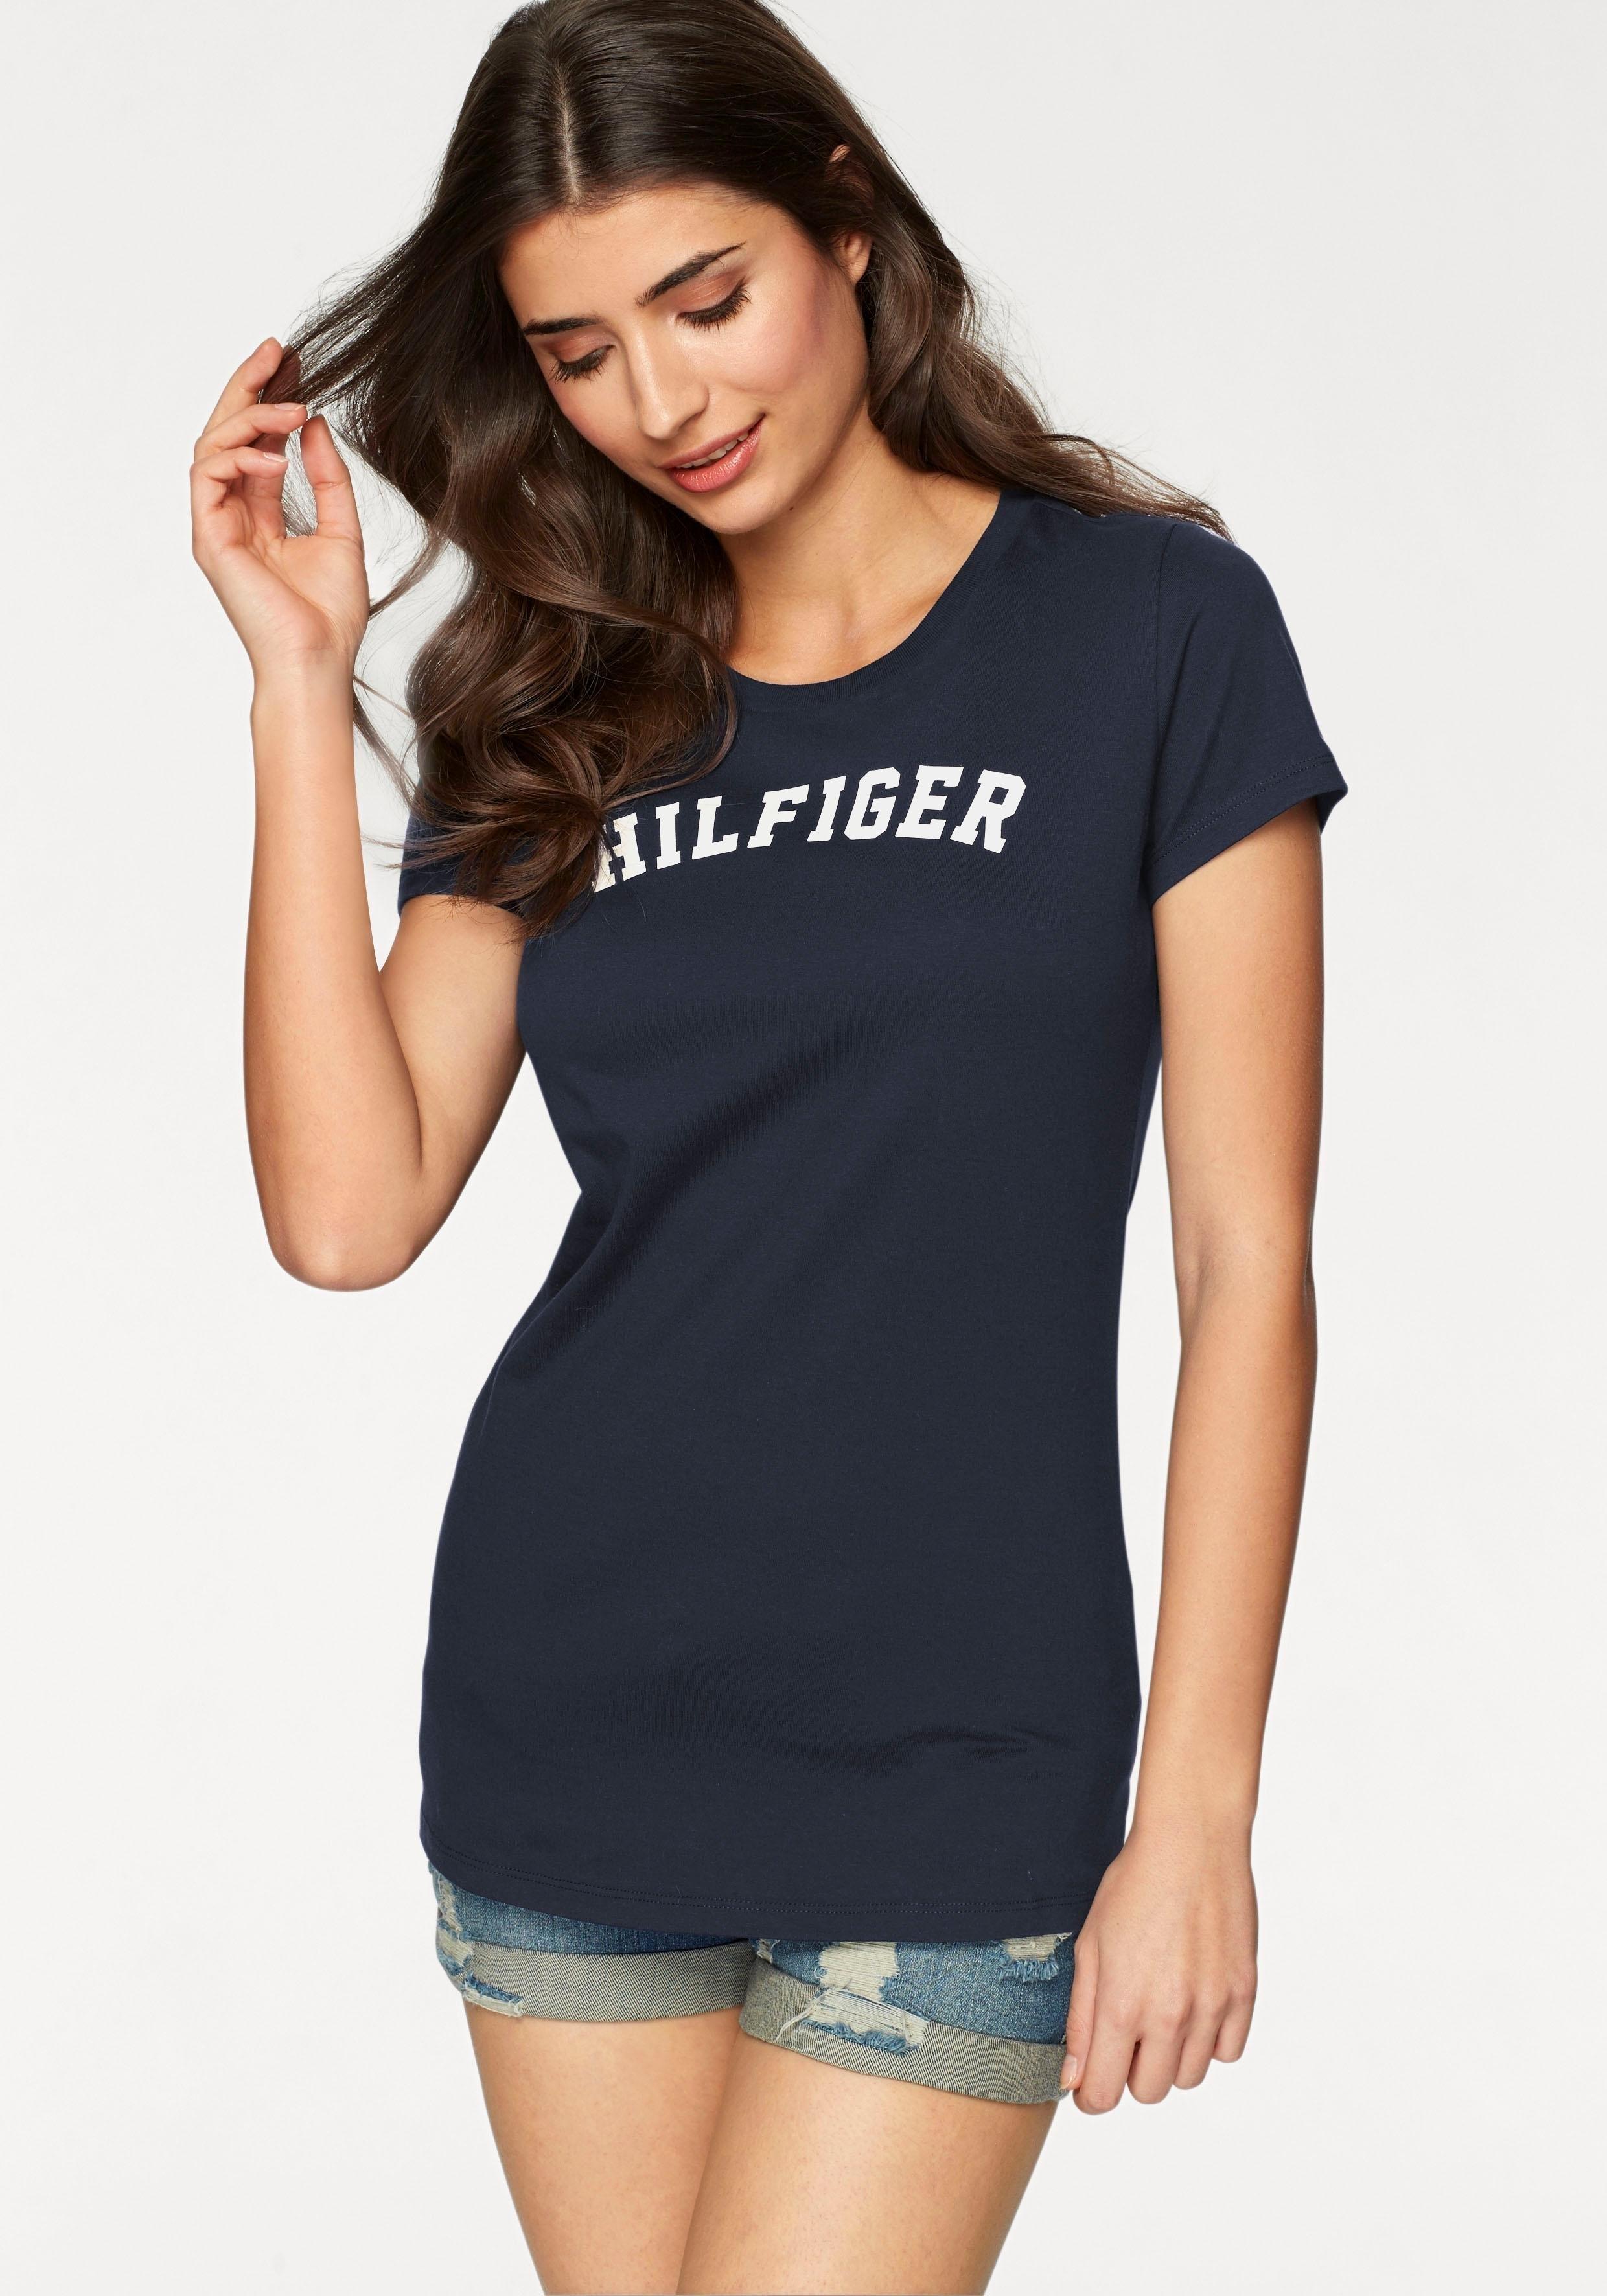 Tommy Hilfiger T-shirt met logoprint - gratis ruilen op lascana.nl